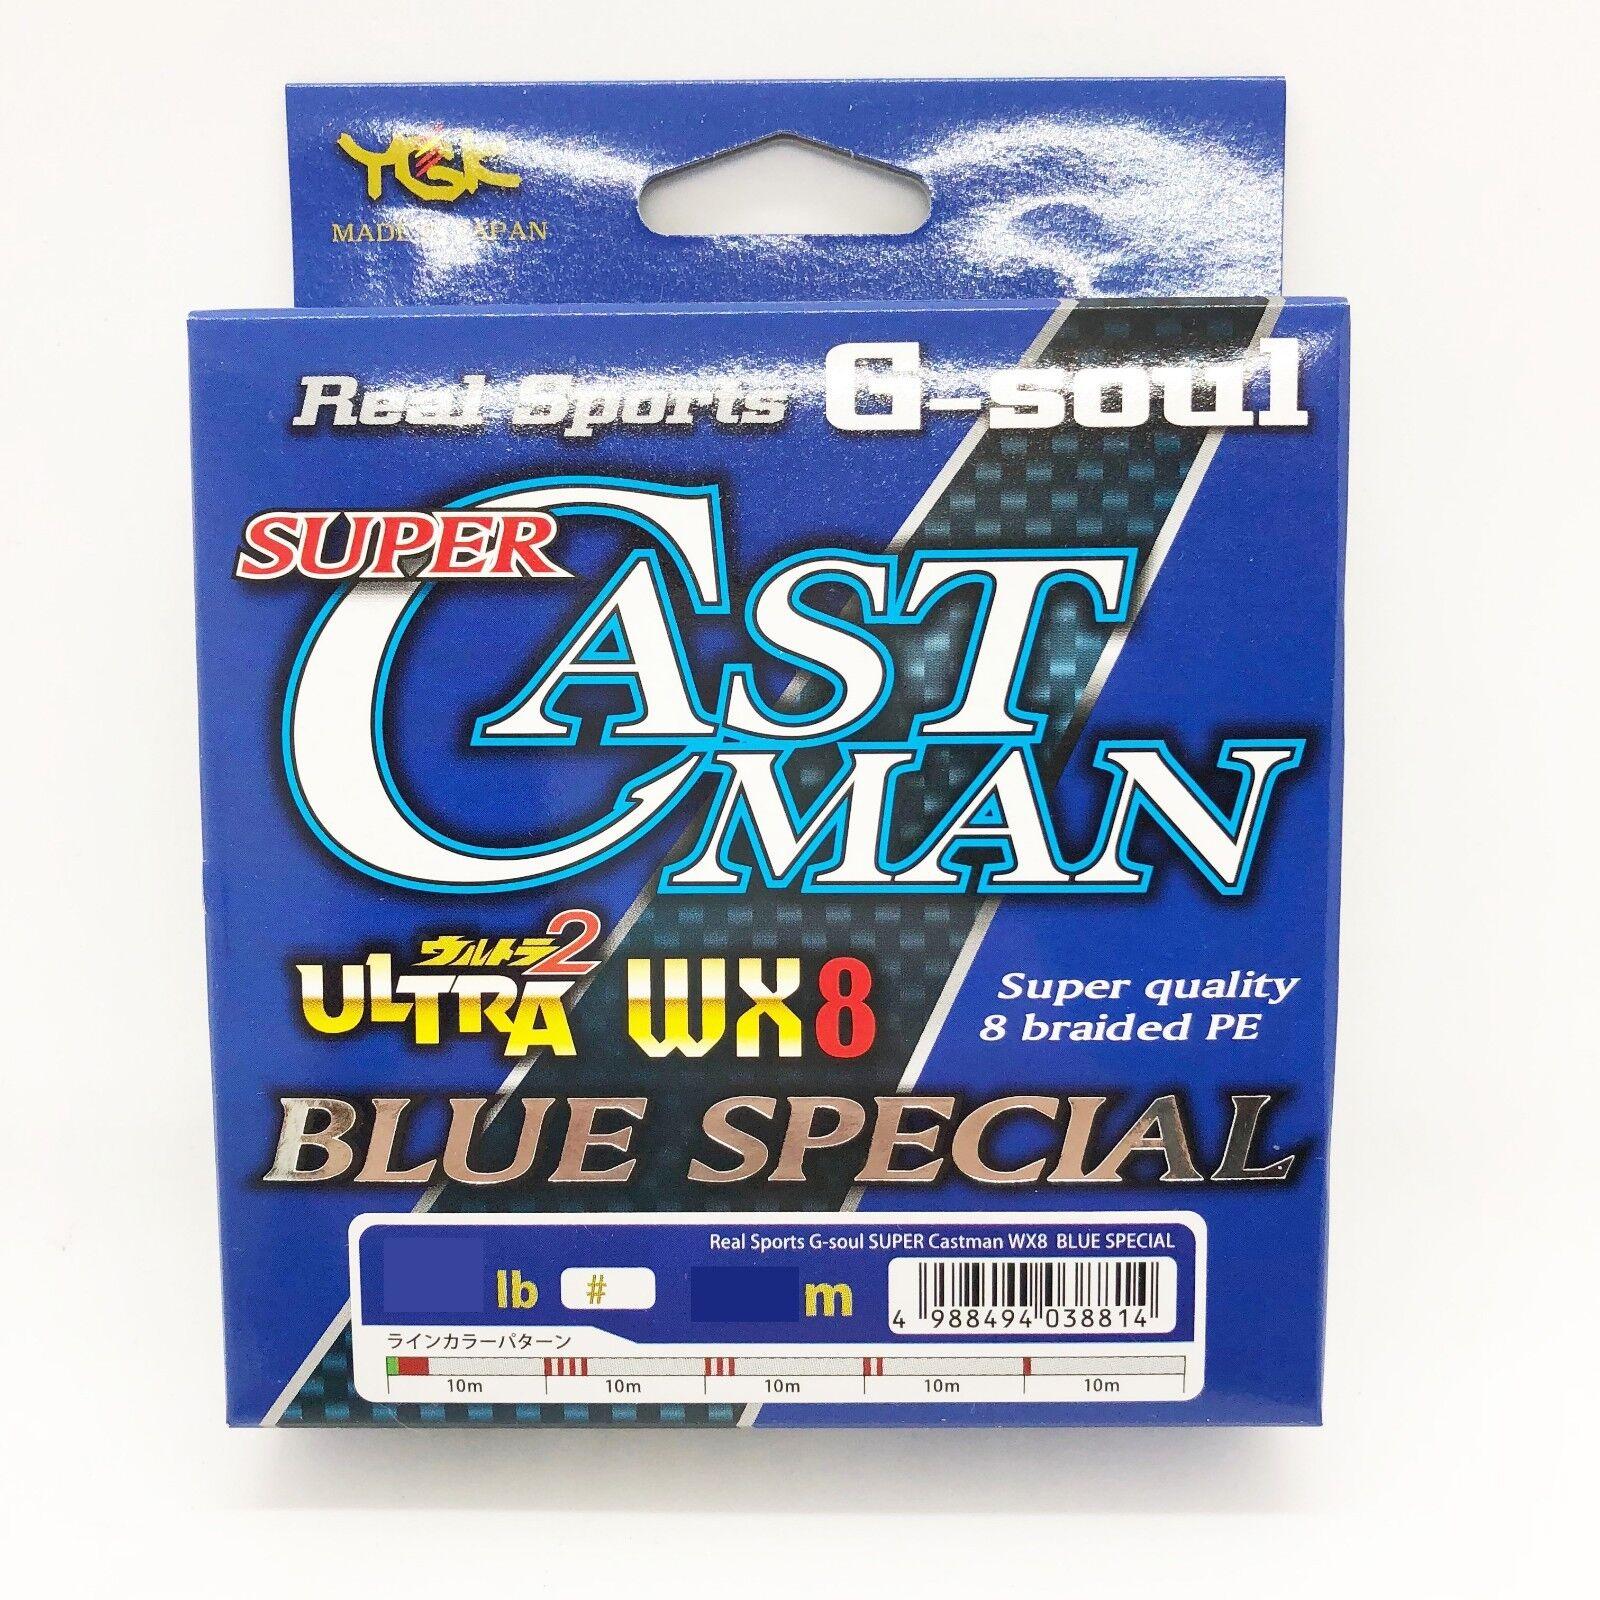 YGK SUPER CASTMAN CASTMAN CASTMAN WX8 blu SPECIAL 8 Braided Line 200m 300m Select LB 116306